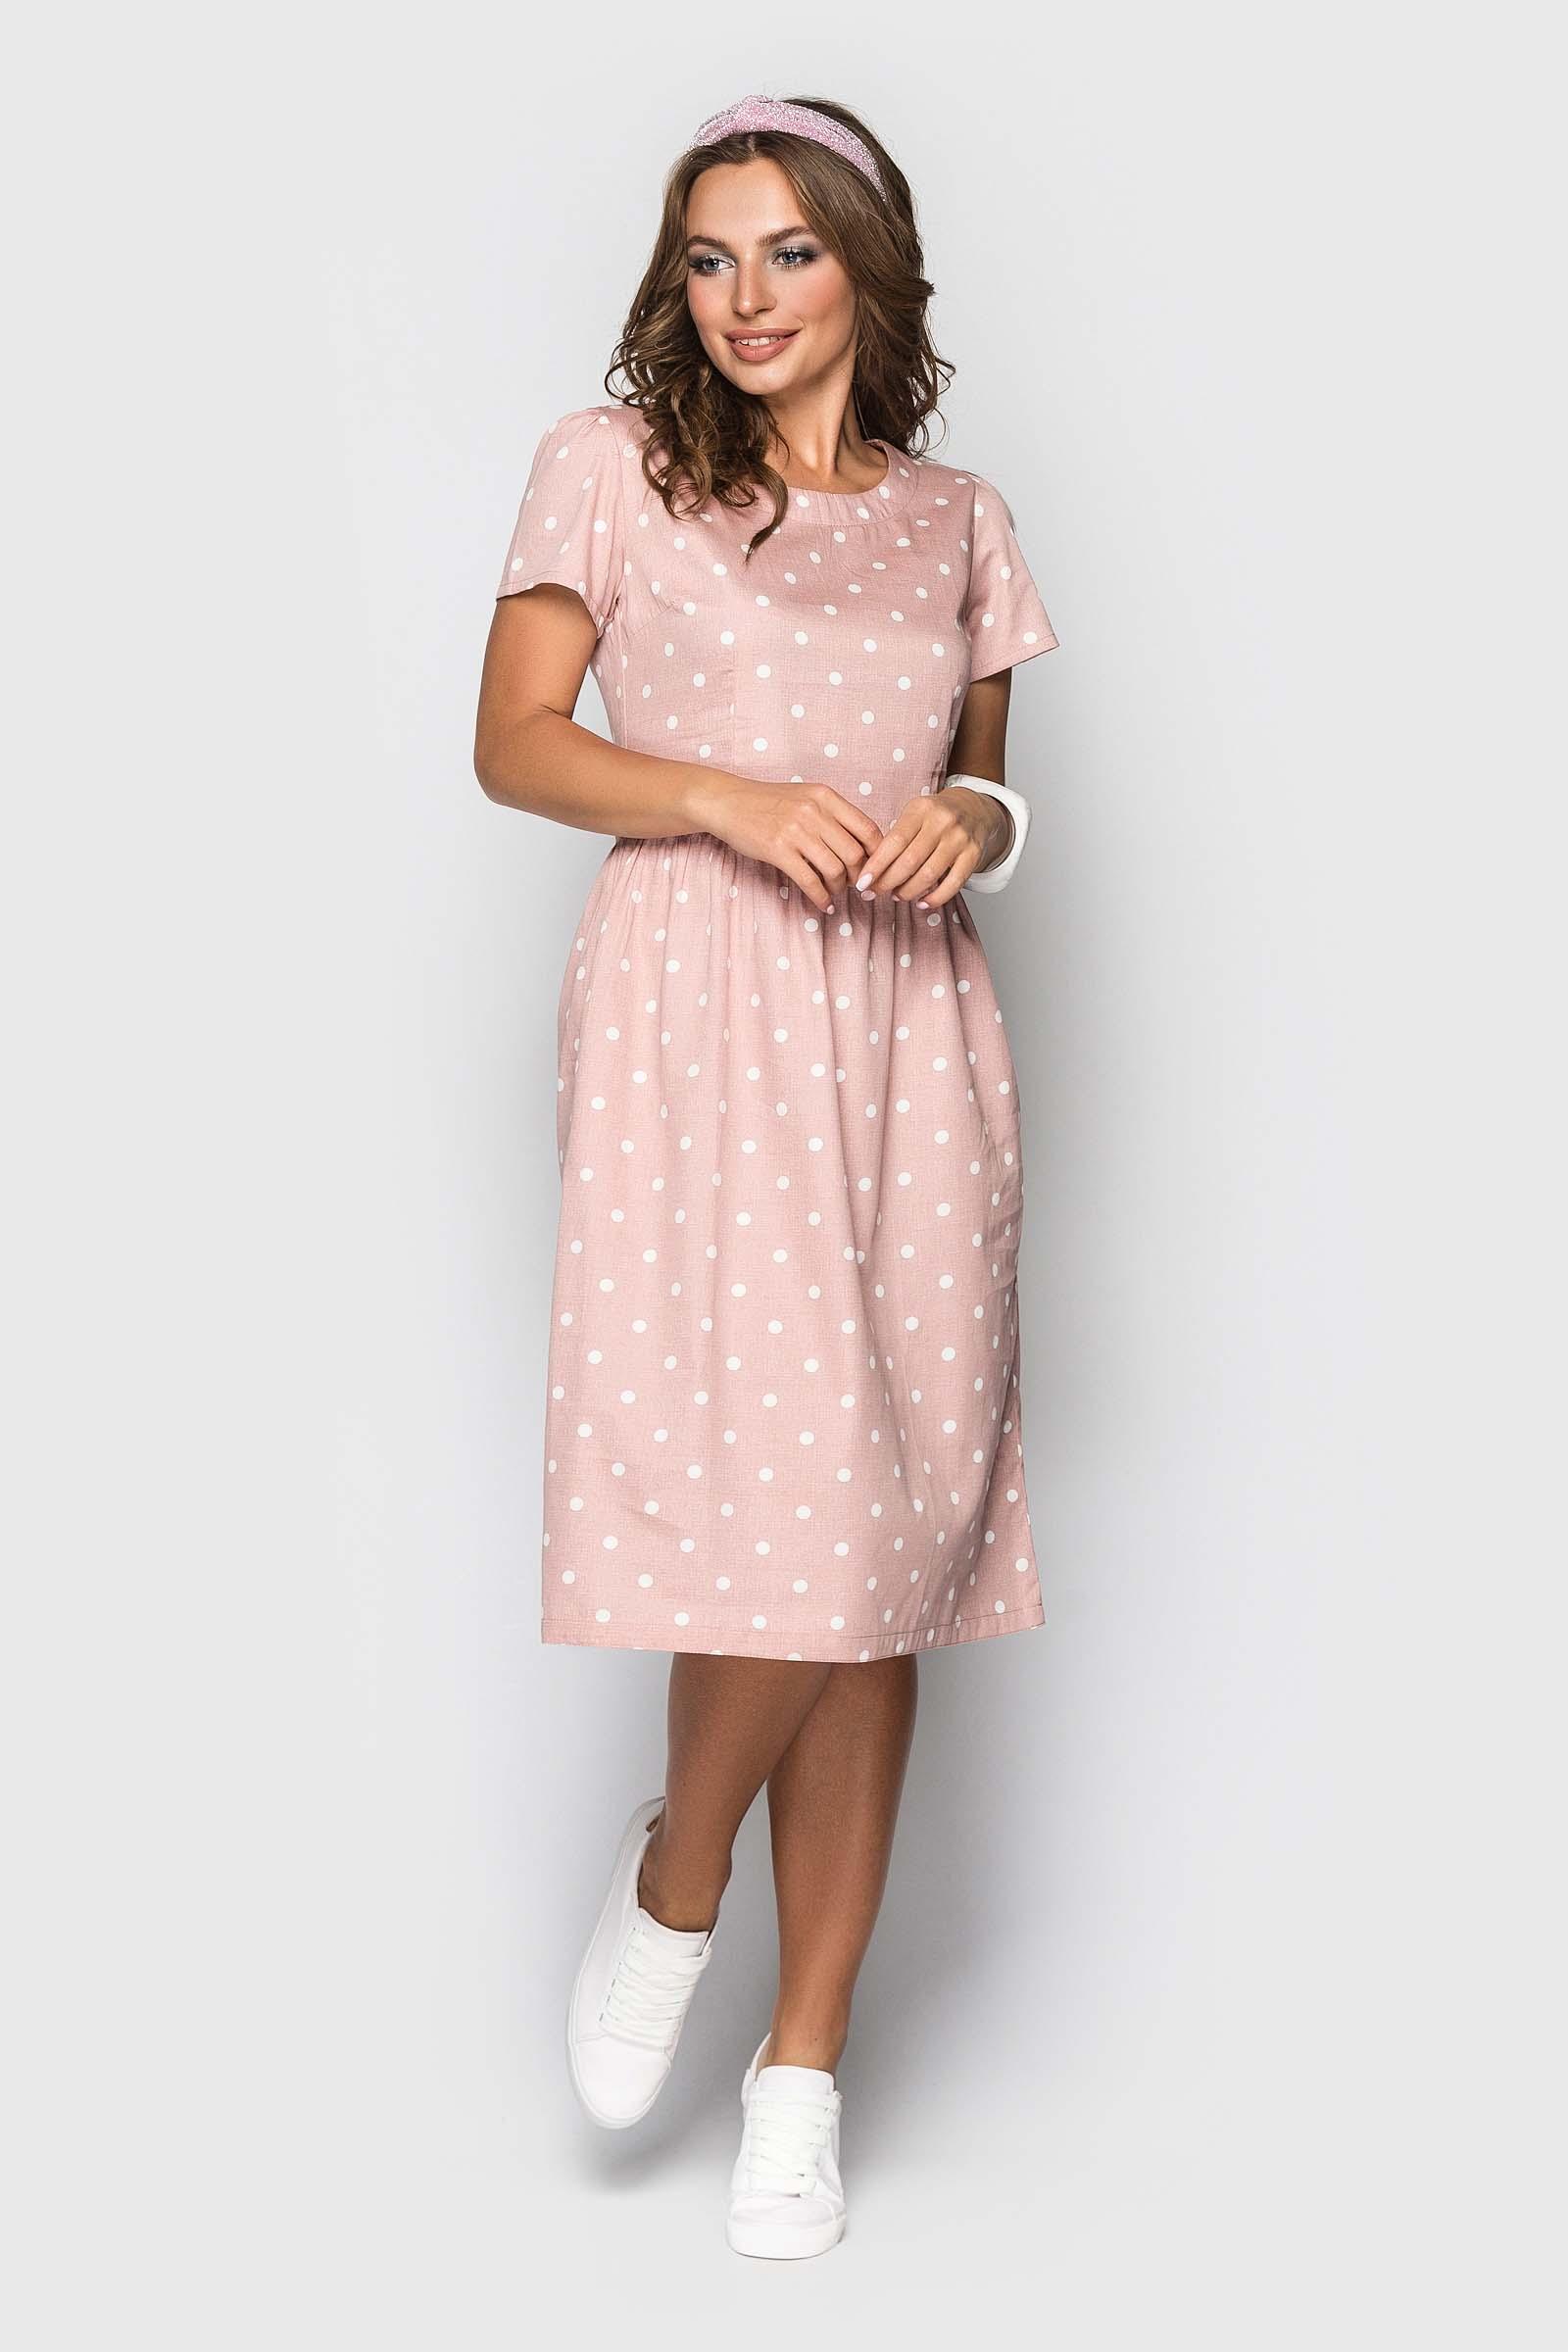 2020 01 23 337067 Купить платье